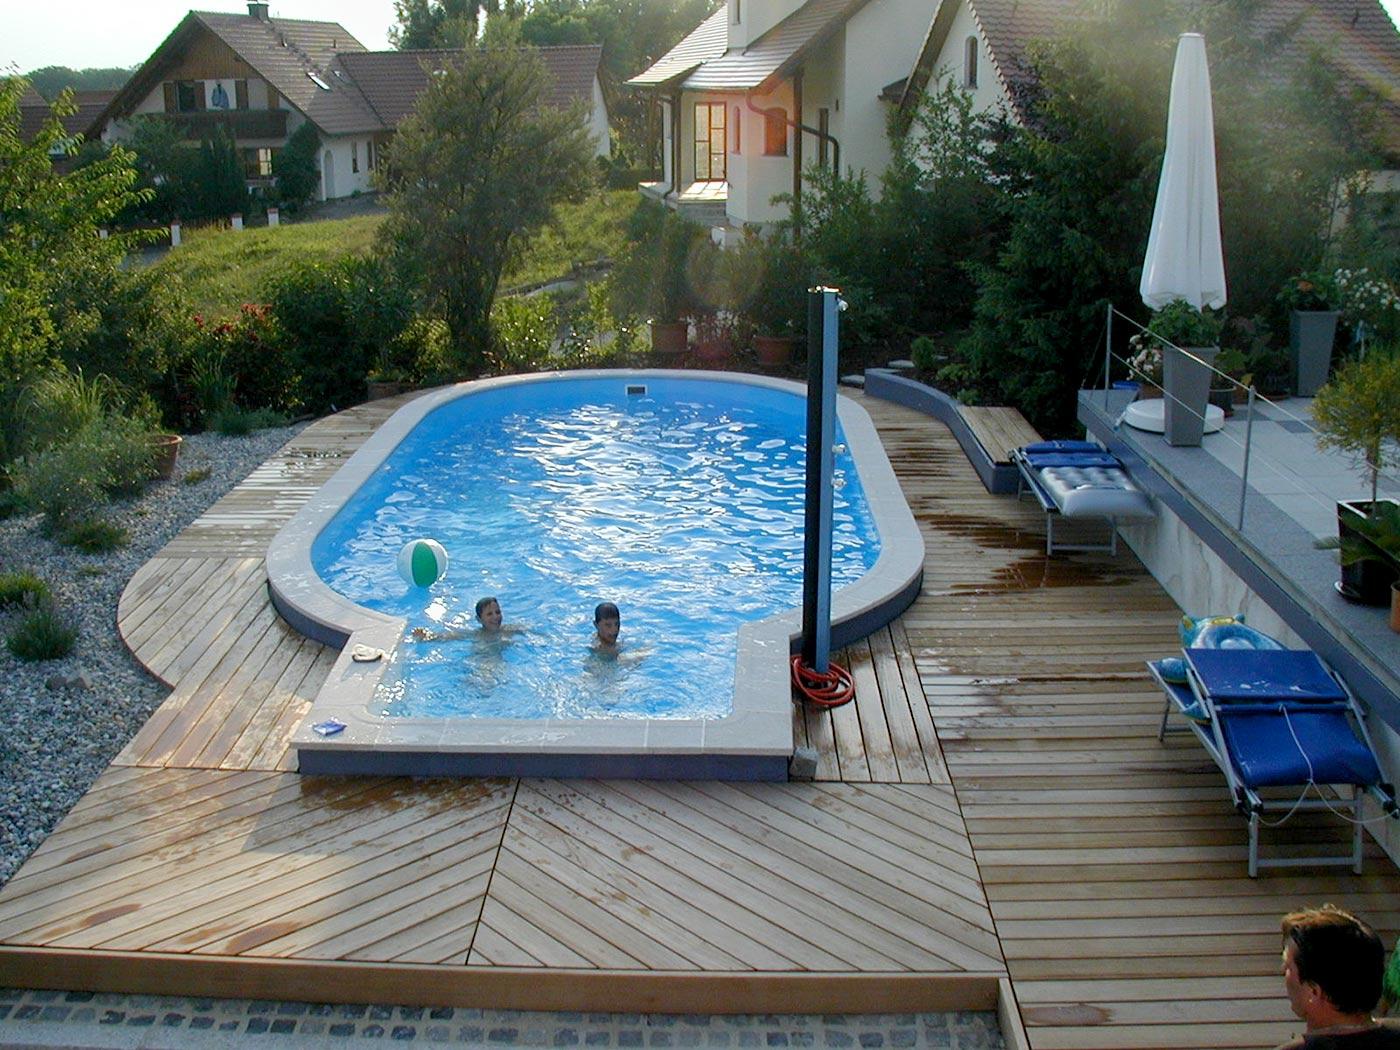 Stahlwandpool von stegmann ihr pool fachmann aus ried for Gartenpool oval